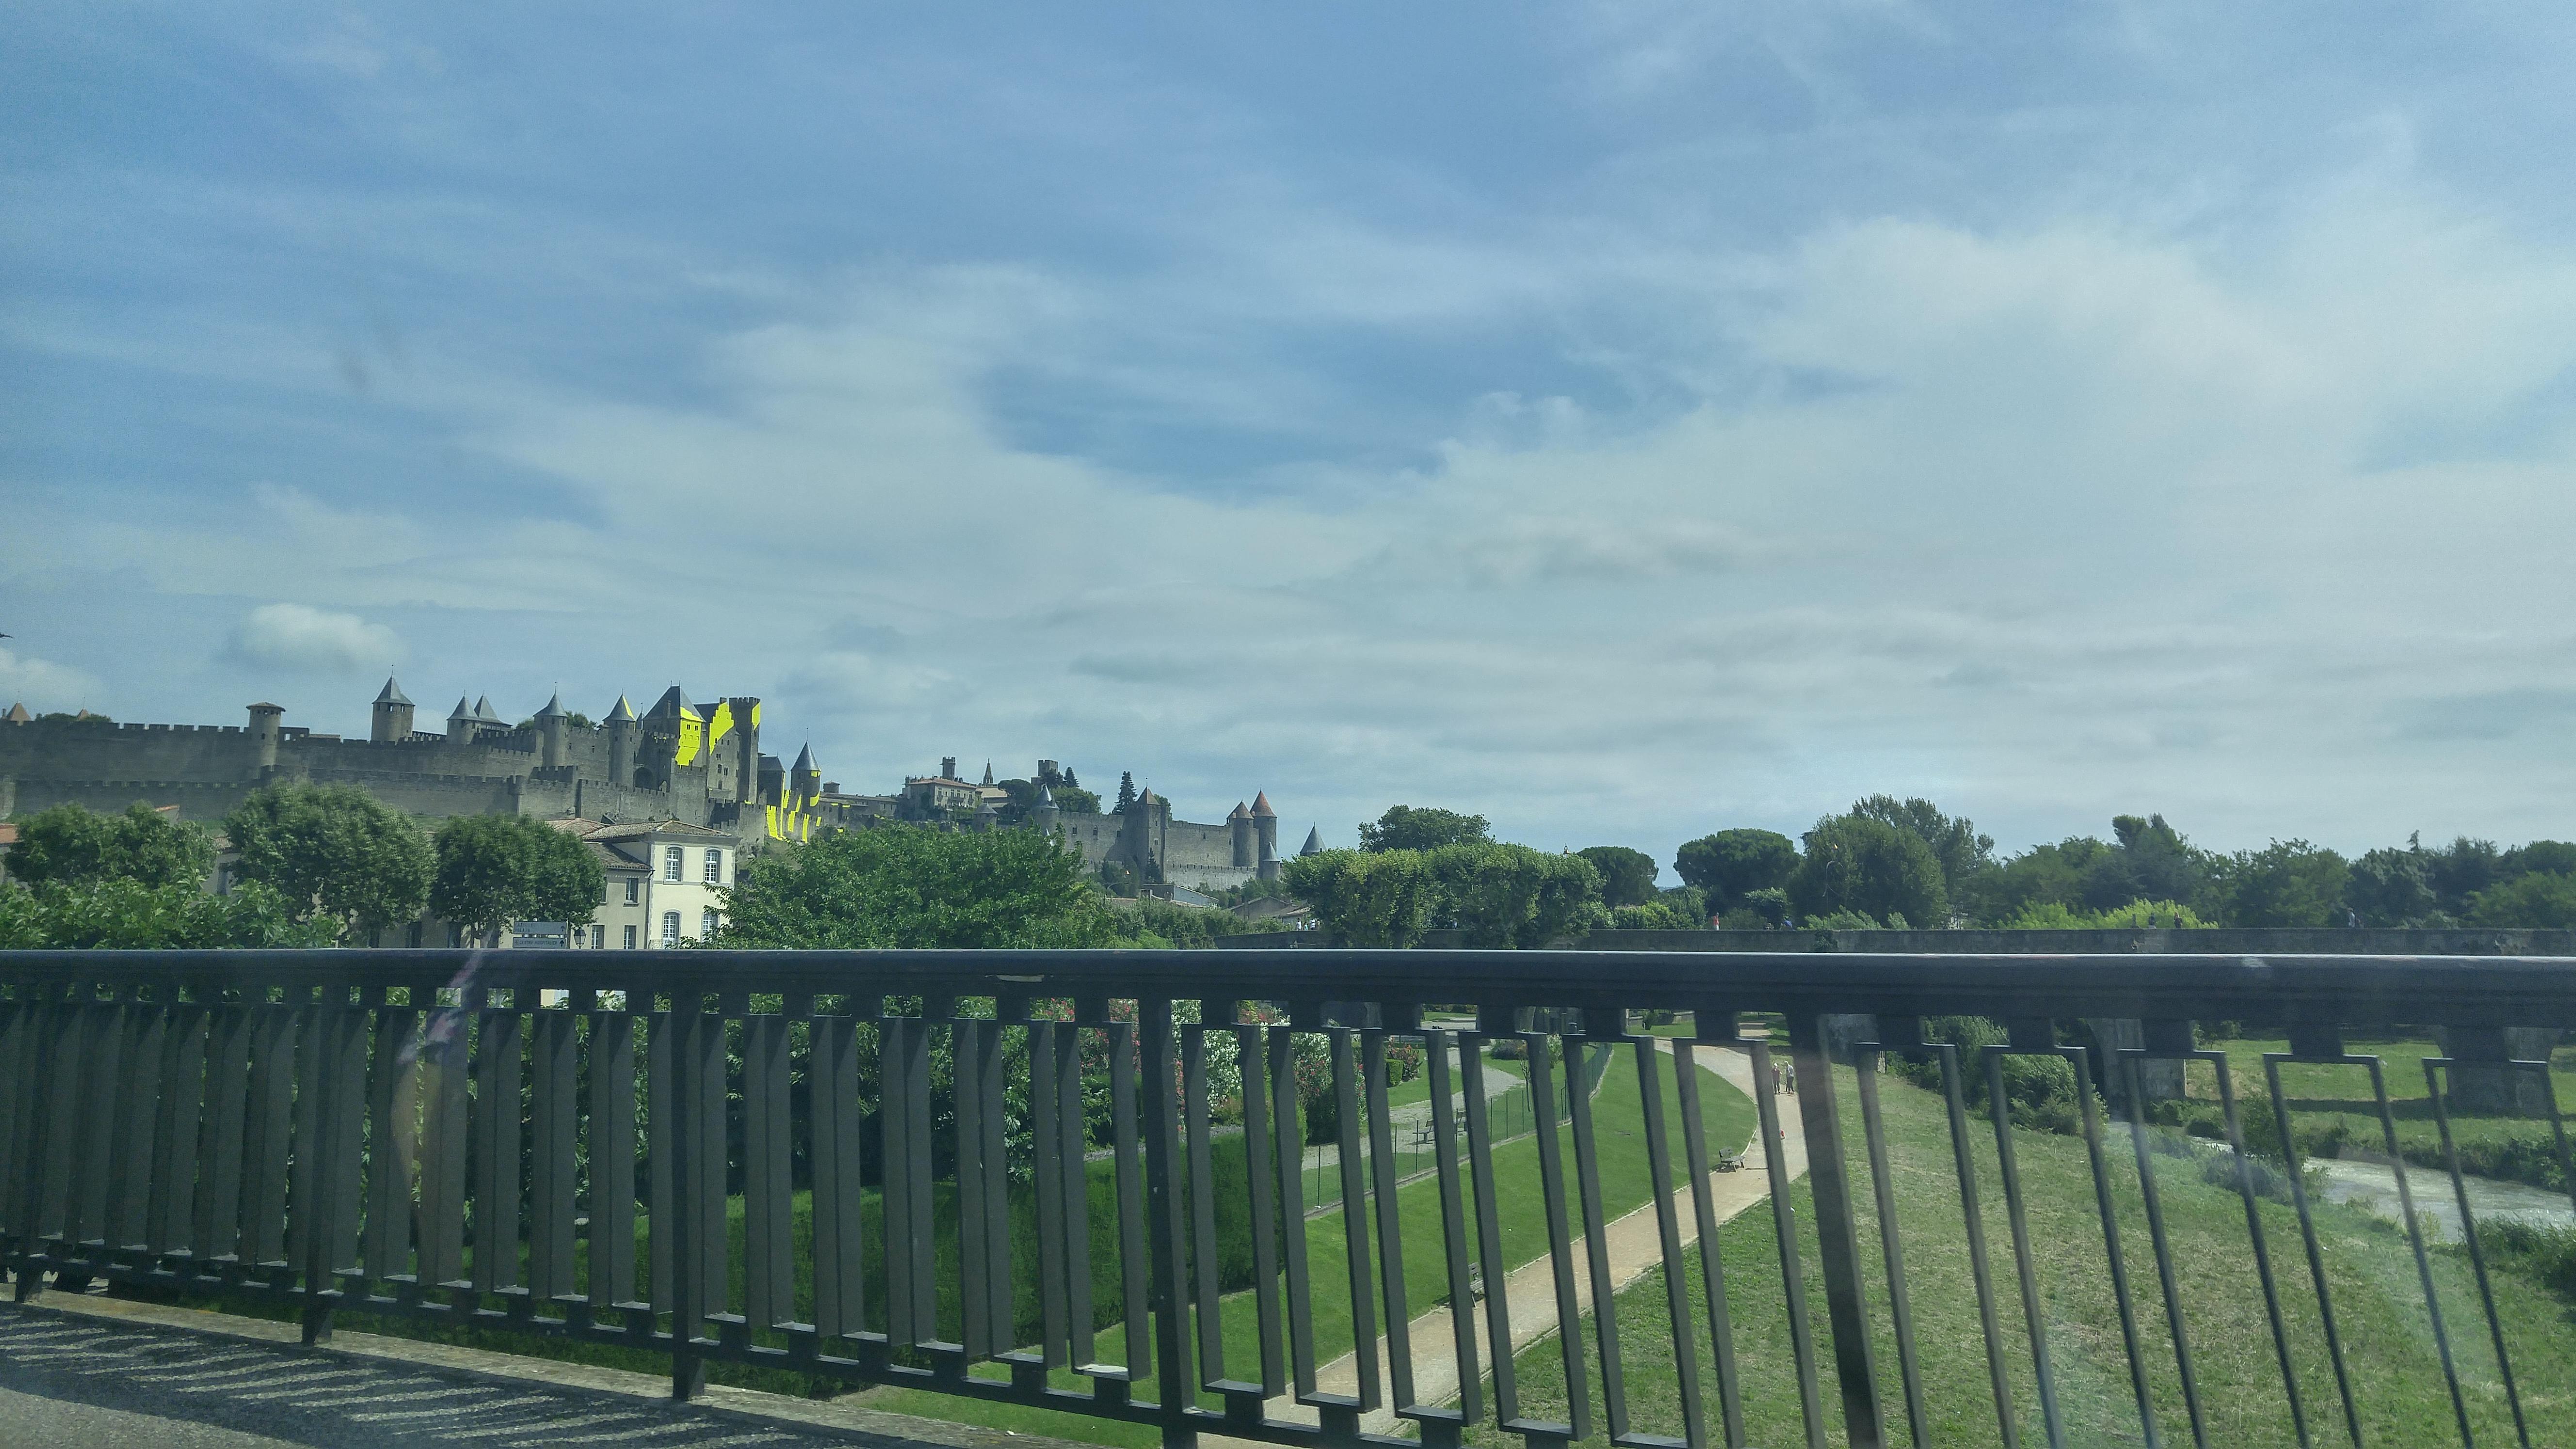 один мой выходной, поездка на дачу и обратно, город Тулуза, Франция, фото 17